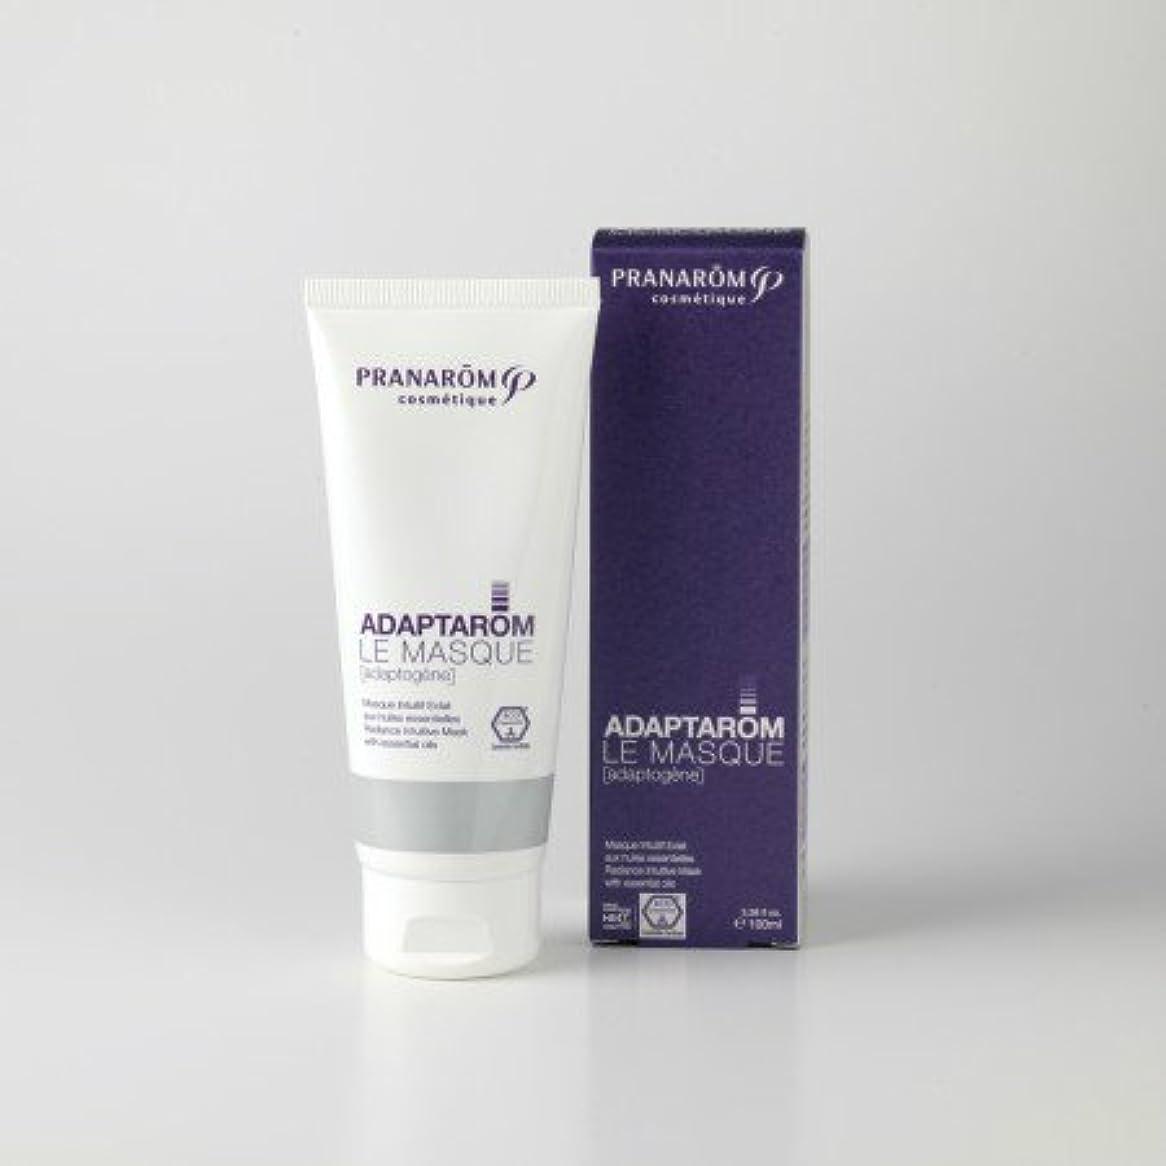 変化船外多様なプラナロム アダプタロム マスク 100ml 美顔用マスク (PRANAROM 基礎化粧品 アダプタロム)